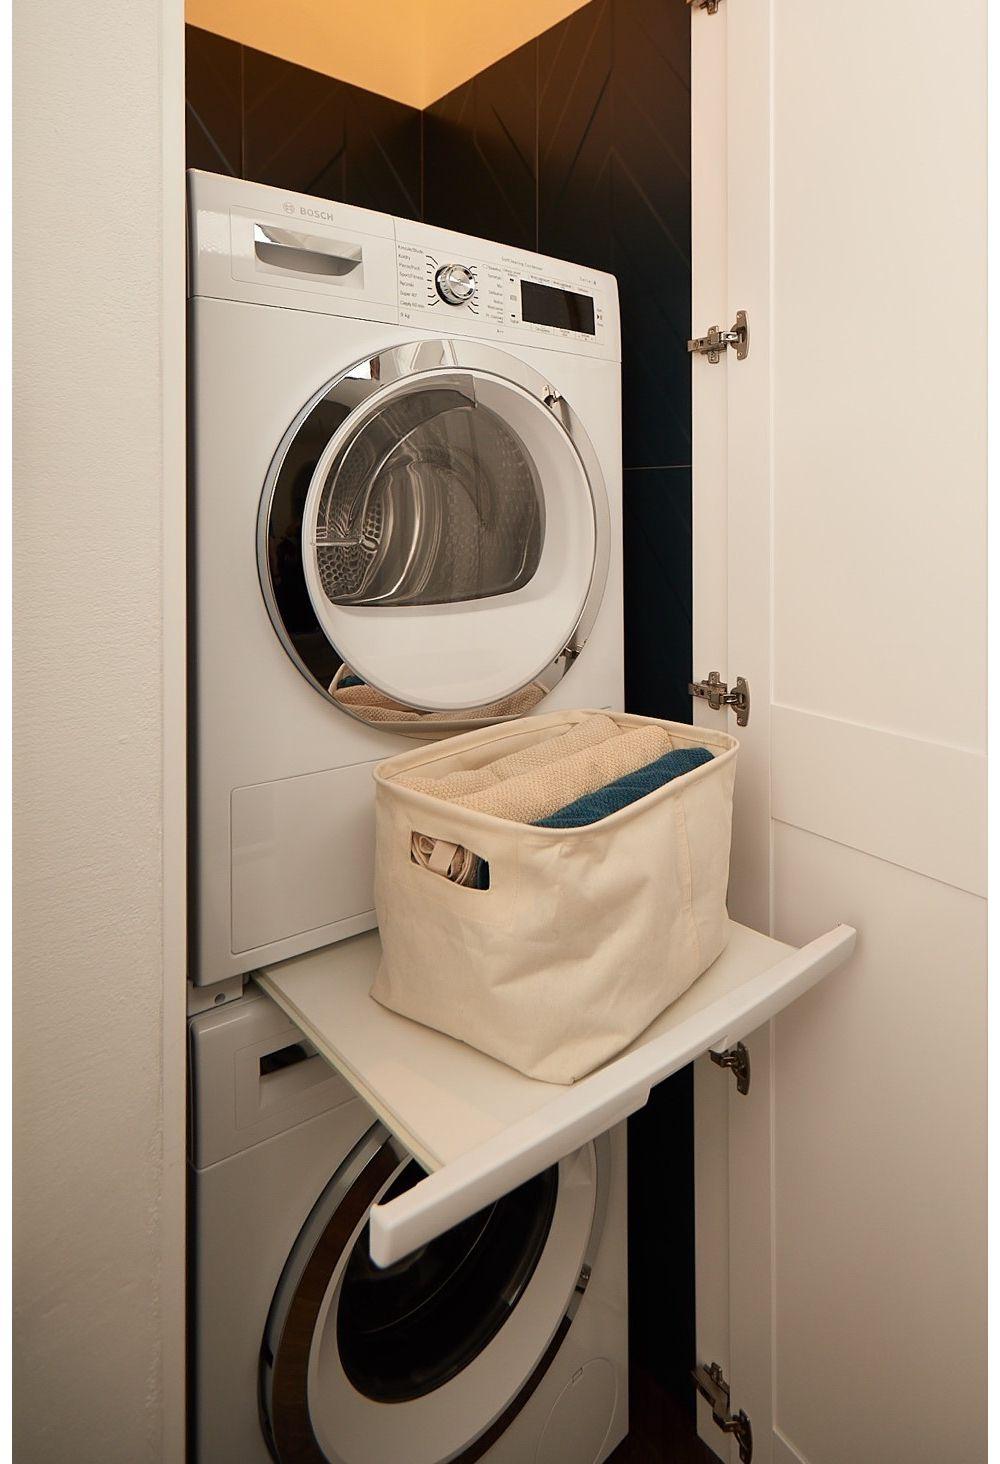 łącznik do pralki i suszarki w słupku